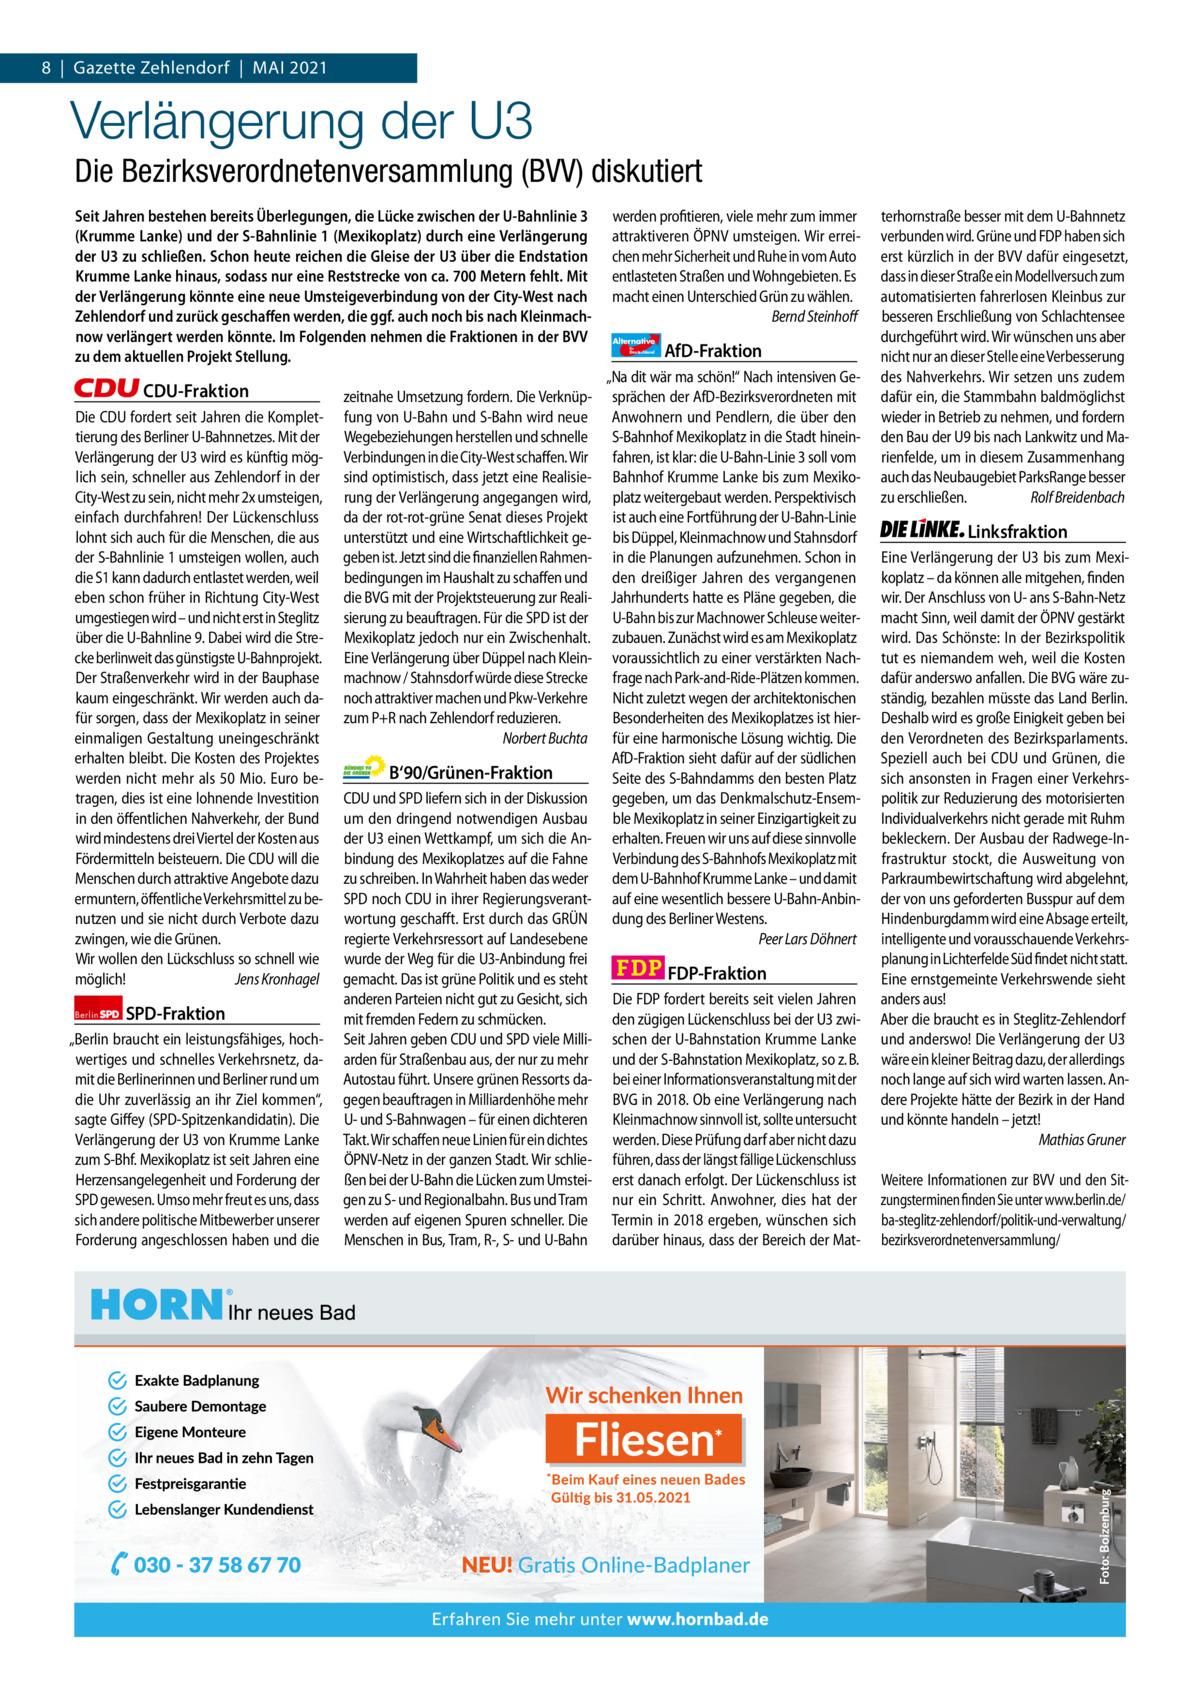 """1   Gazette Zehlendorf 8 Gazette Zehlendorf MAI   MAI 2021 2021  Verlängerung der U3 Die Bezirksverordnetenversammlung (BVV) diskutiert Seit Jahren bestehen bereits Überlegungen, die Lücke zwischen der U-Bahnlinie3 (Krumme Lanke) und der S-Bahnlinie1 (Mexikoplatz) durch eine Verlängerung der U3 zu schließen. Schon heute reichen die Gleise der U3 über die Endstation Krumme Lanke hinaus, sodass nur eine Reststrecke von ca. 700Metern fehlt. Mit der Verlängerung könnte eine neue Umsteigeverbindung von der City-West nach Zehlendorf und zurück geschaffen werden, die ggf. auch noch bis nach Kleinmachnow verlängert werden könnte. Im Folgenden nehmen die Fraktionen in der BVV zu dem aktuellen Projekt Stellung.  CDU-Fraktion Die CDU fordert seit Jahren die Komplettierung des Berliner U-Bahnnetzes. Mit der Verlängerung der U3 wird es künftig möglich sein, schneller aus Zehlendorf in der City-West zu sein, nicht mehr 2x umsteigen, einfach durchfahren! Der Lückenschluss lohnt sich auch für die Menschen, die aus der S-Bahnlinie 1 umsteigen wollen, auch die S1 kann dadurch entlastet werden, weil eben schon früher in Richtung City-West umgestiegen wird – und nicht erst in Steglitz über die U-Bahnline 9. Dabei wird die Strecke berlinweit das günstigste U-Bahnprojekt. Der Straßenverkehr wird in der Bauphase kaum eingeschränkt. Wir werden auch dafür sorgen, dass der Mexikoplatz in seiner einmaligen Gestaltung uneingeschränkt erhalten bleibt. Die Kosten des Projektes werden nicht mehr als 50 Mio. Euro betragen, dies ist eine lohnende Investition in den öffentlichen Nahverkehr, der Bund wird mindestens drei Viertel der Kosten aus Fördermitteln beisteuern. Die CDU will die Menschen durch attraktive Angebote dazu ermuntern, öffentliche Verkehrsmittel zu benutzen und sie nicht durch Verbote dazu zwingen, wie die Grünen. Wir wollen den Lückschluss so schnell wie möglich! Jens Kronhagel Berlin  SPD-Fraktion  """"Berlin braucht ein leistungsfähiges, hochwertiges und schnelles Verkehrsnetz, damit"""